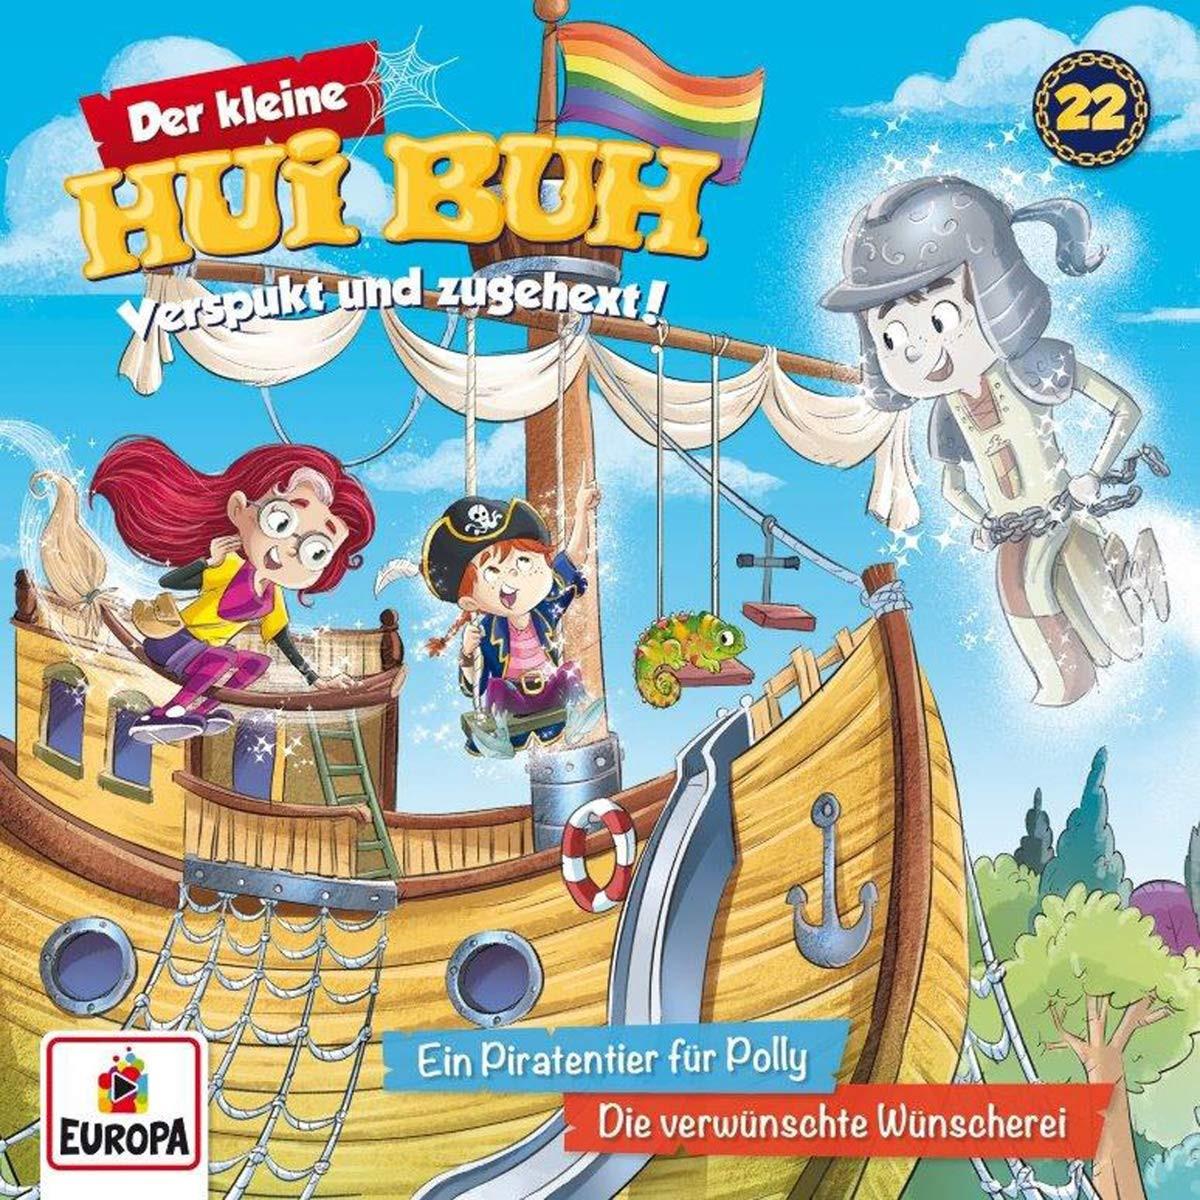 Der kleine HUI BUH - Folge 22: Ein Piratentier für Polly / Die verwünschte Wünscherei